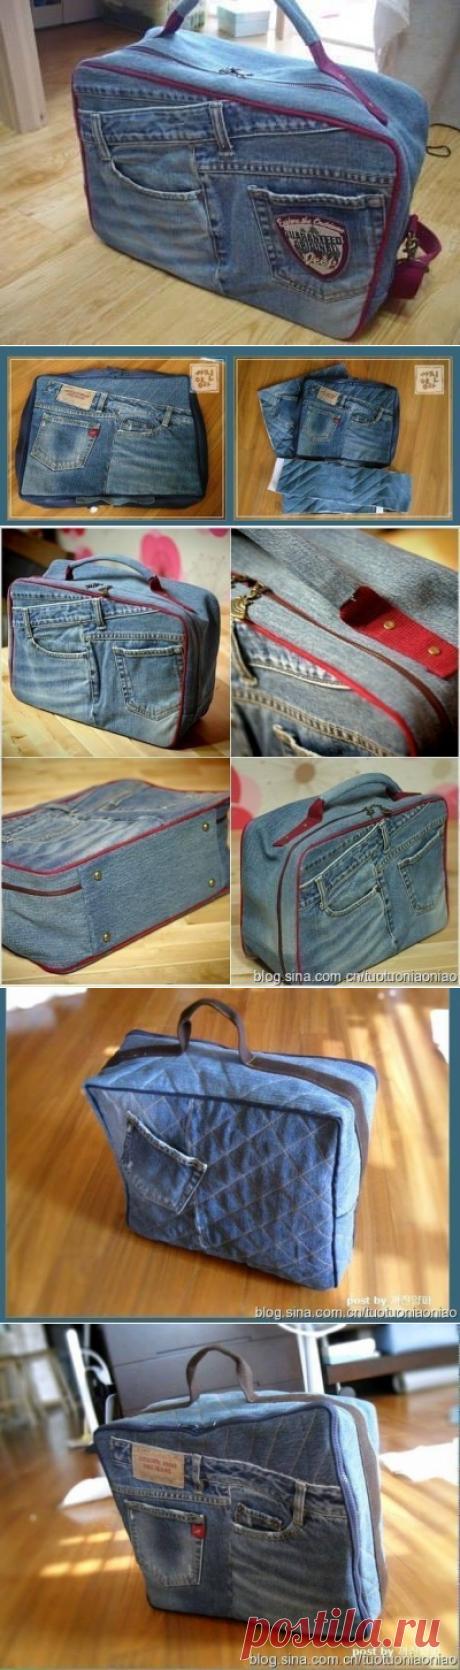 Чемоданчик-сумка из старых джинсов.